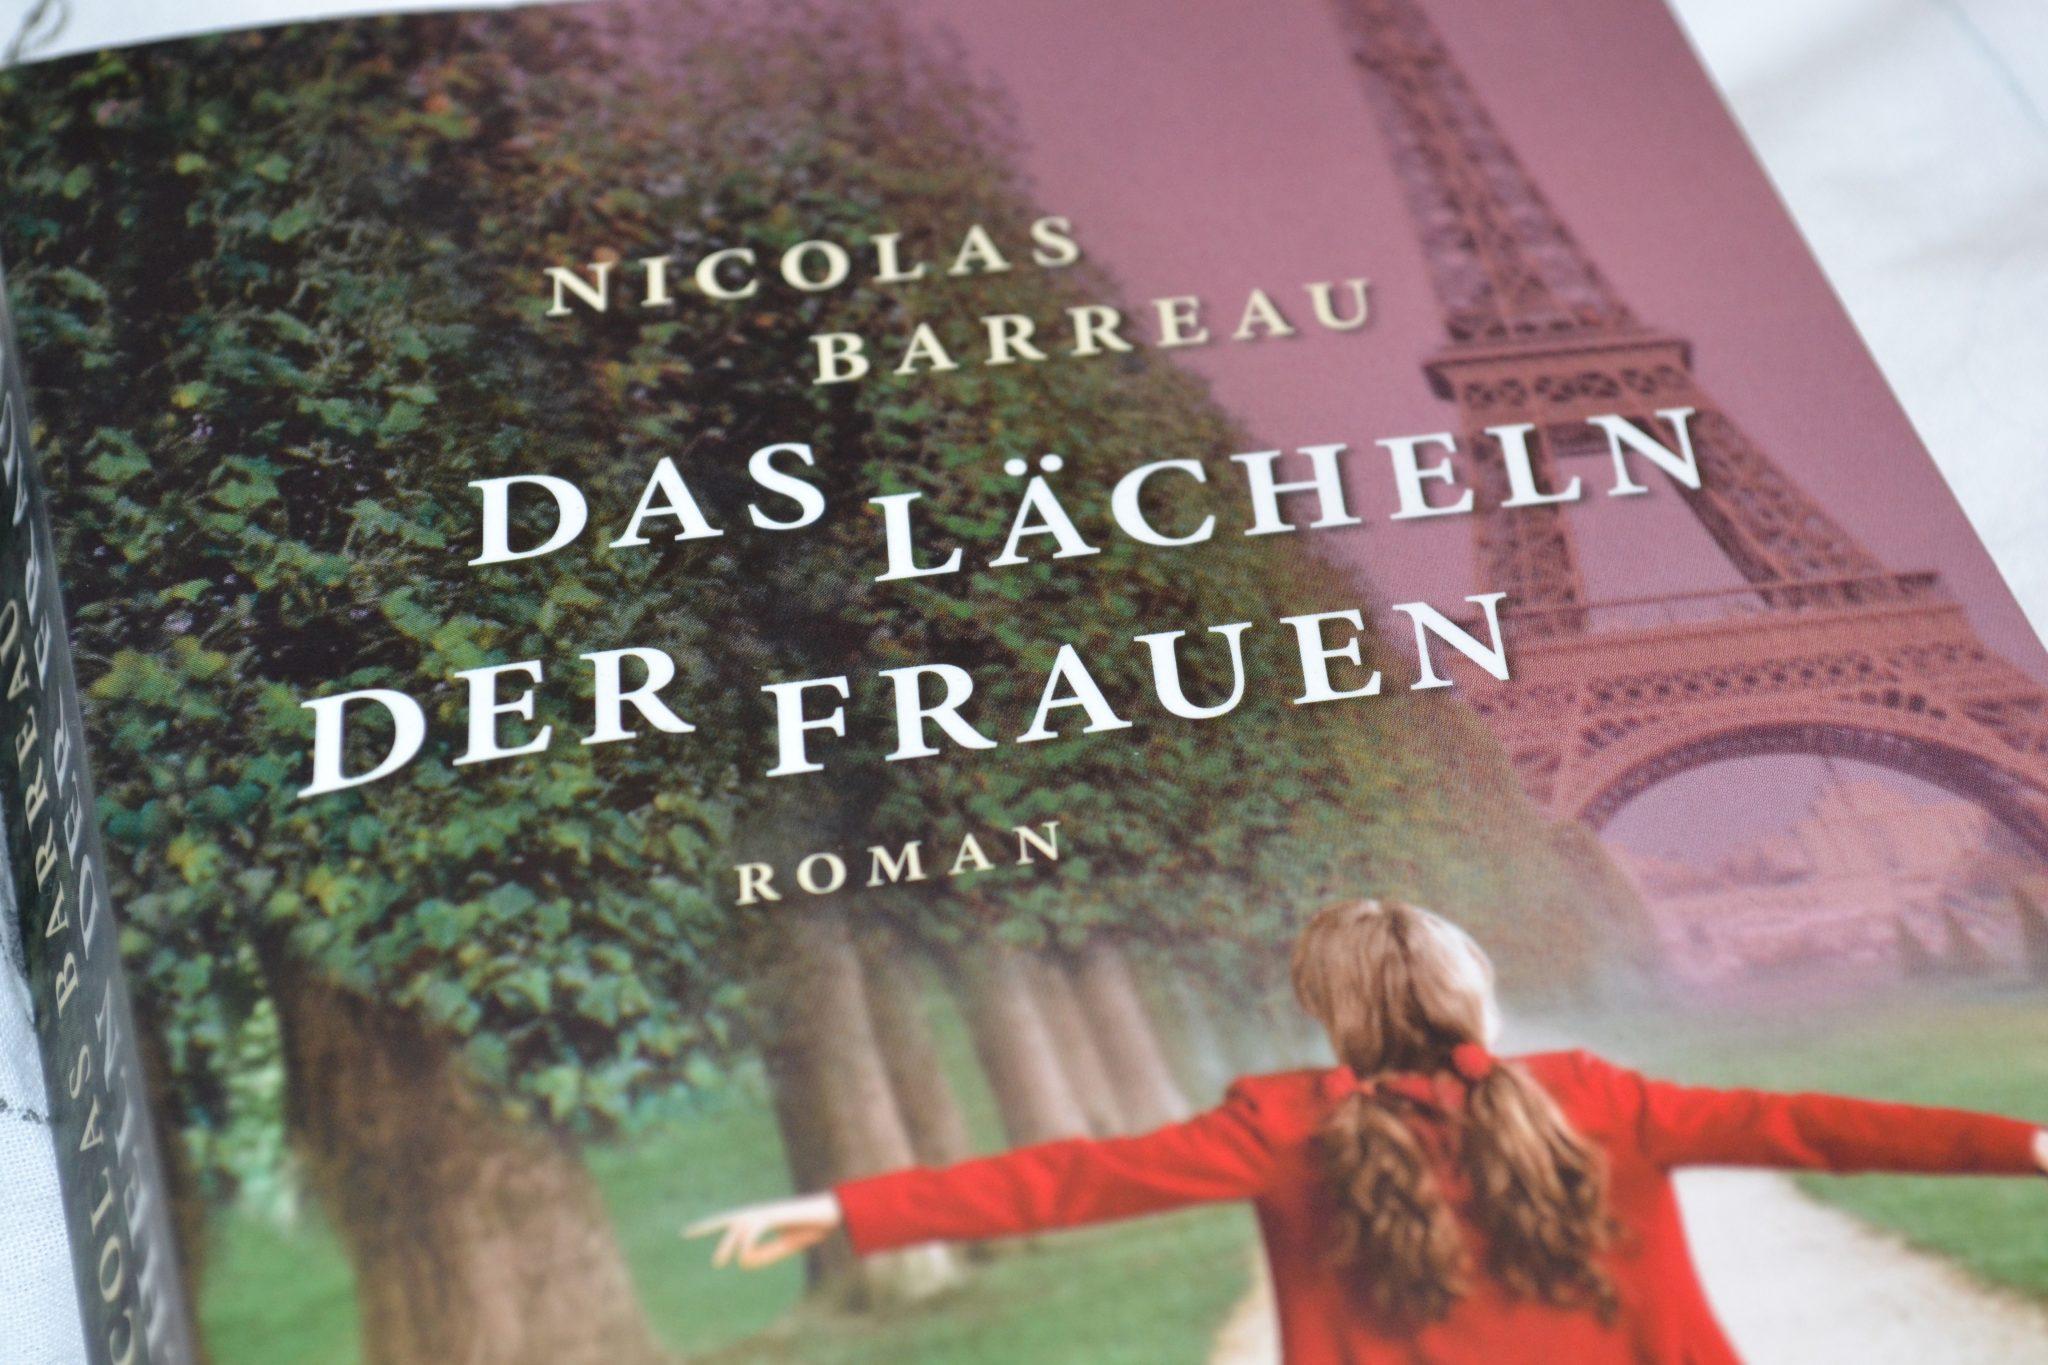 Books: Das Lächeln der Frauen | Nicolas Barreau - dsc 00011